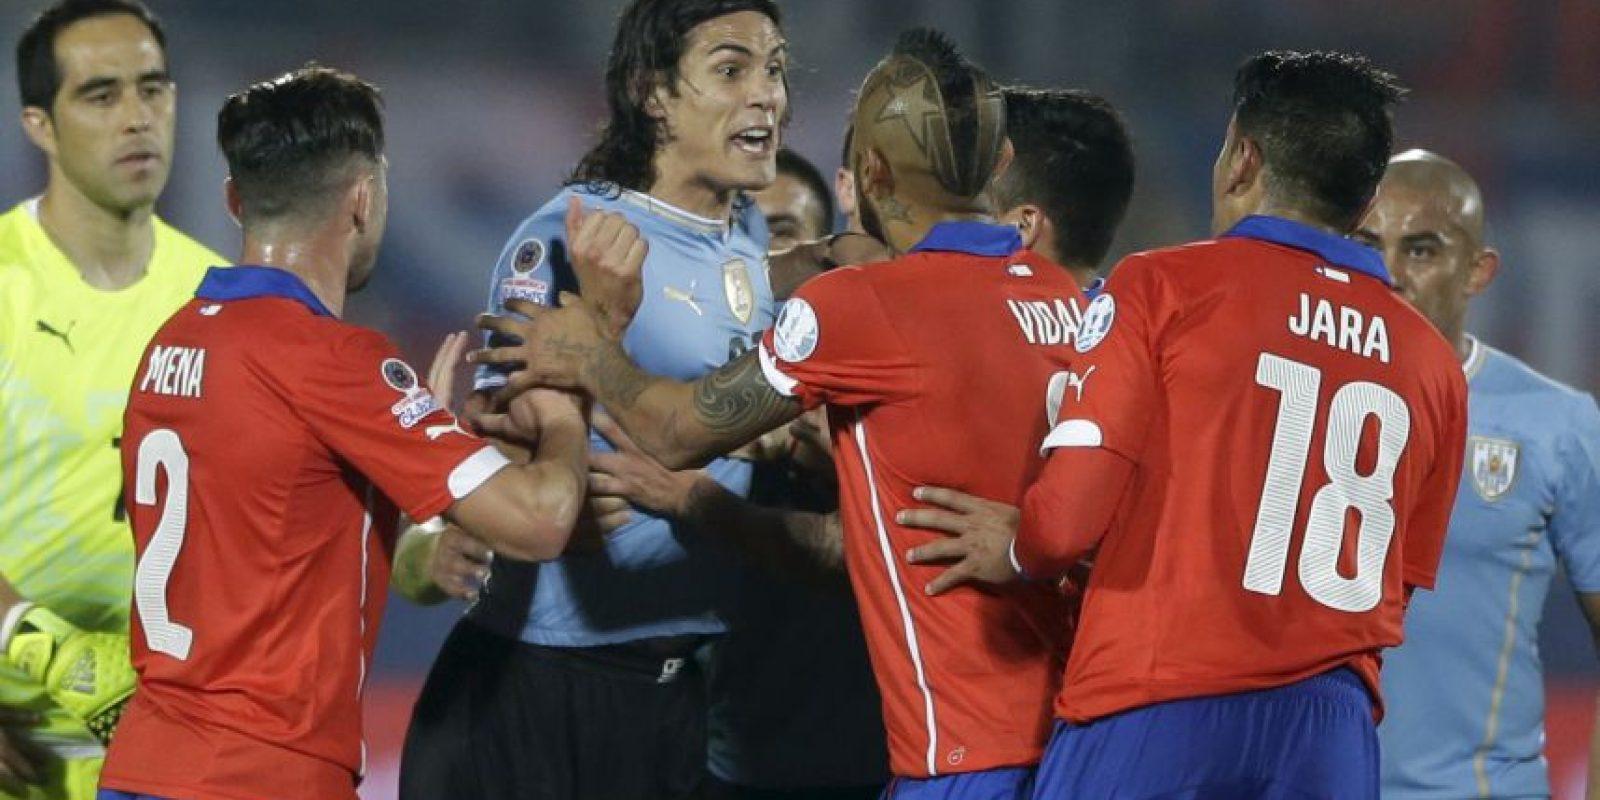 """Jara fue expulsado de la Copa América, luego del """"dedazo"""" en contra del uruguayo Edinson Cavani, en los cuartos de final del torneo. Foto:AFP"""